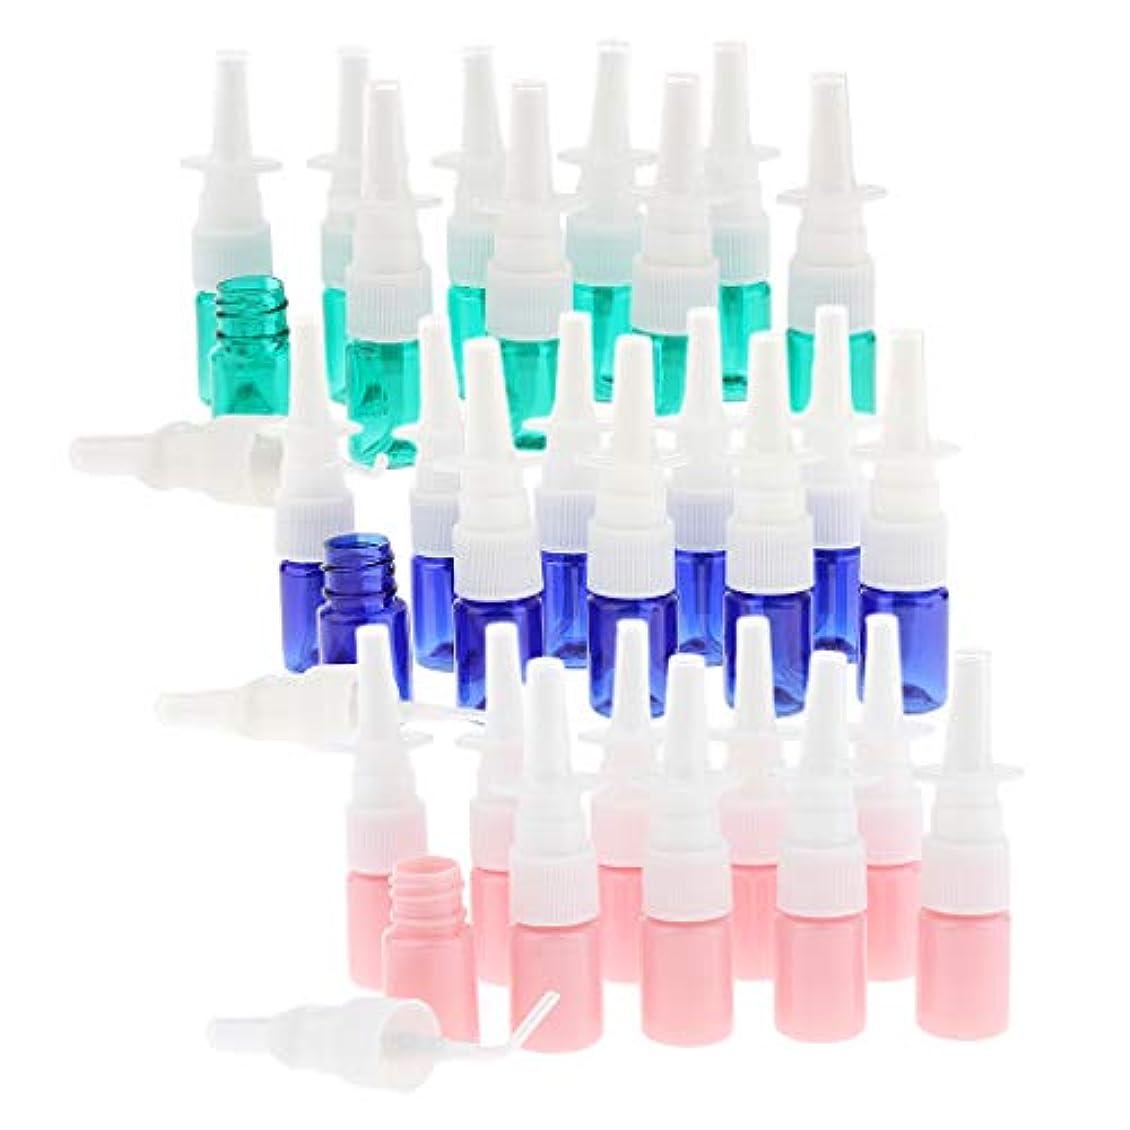 生きる展示会ロイヤリティ5ml 点鼻スプレーボトル 空容器 プラスチック製 液体 化粧水 詰め替え 約30個入